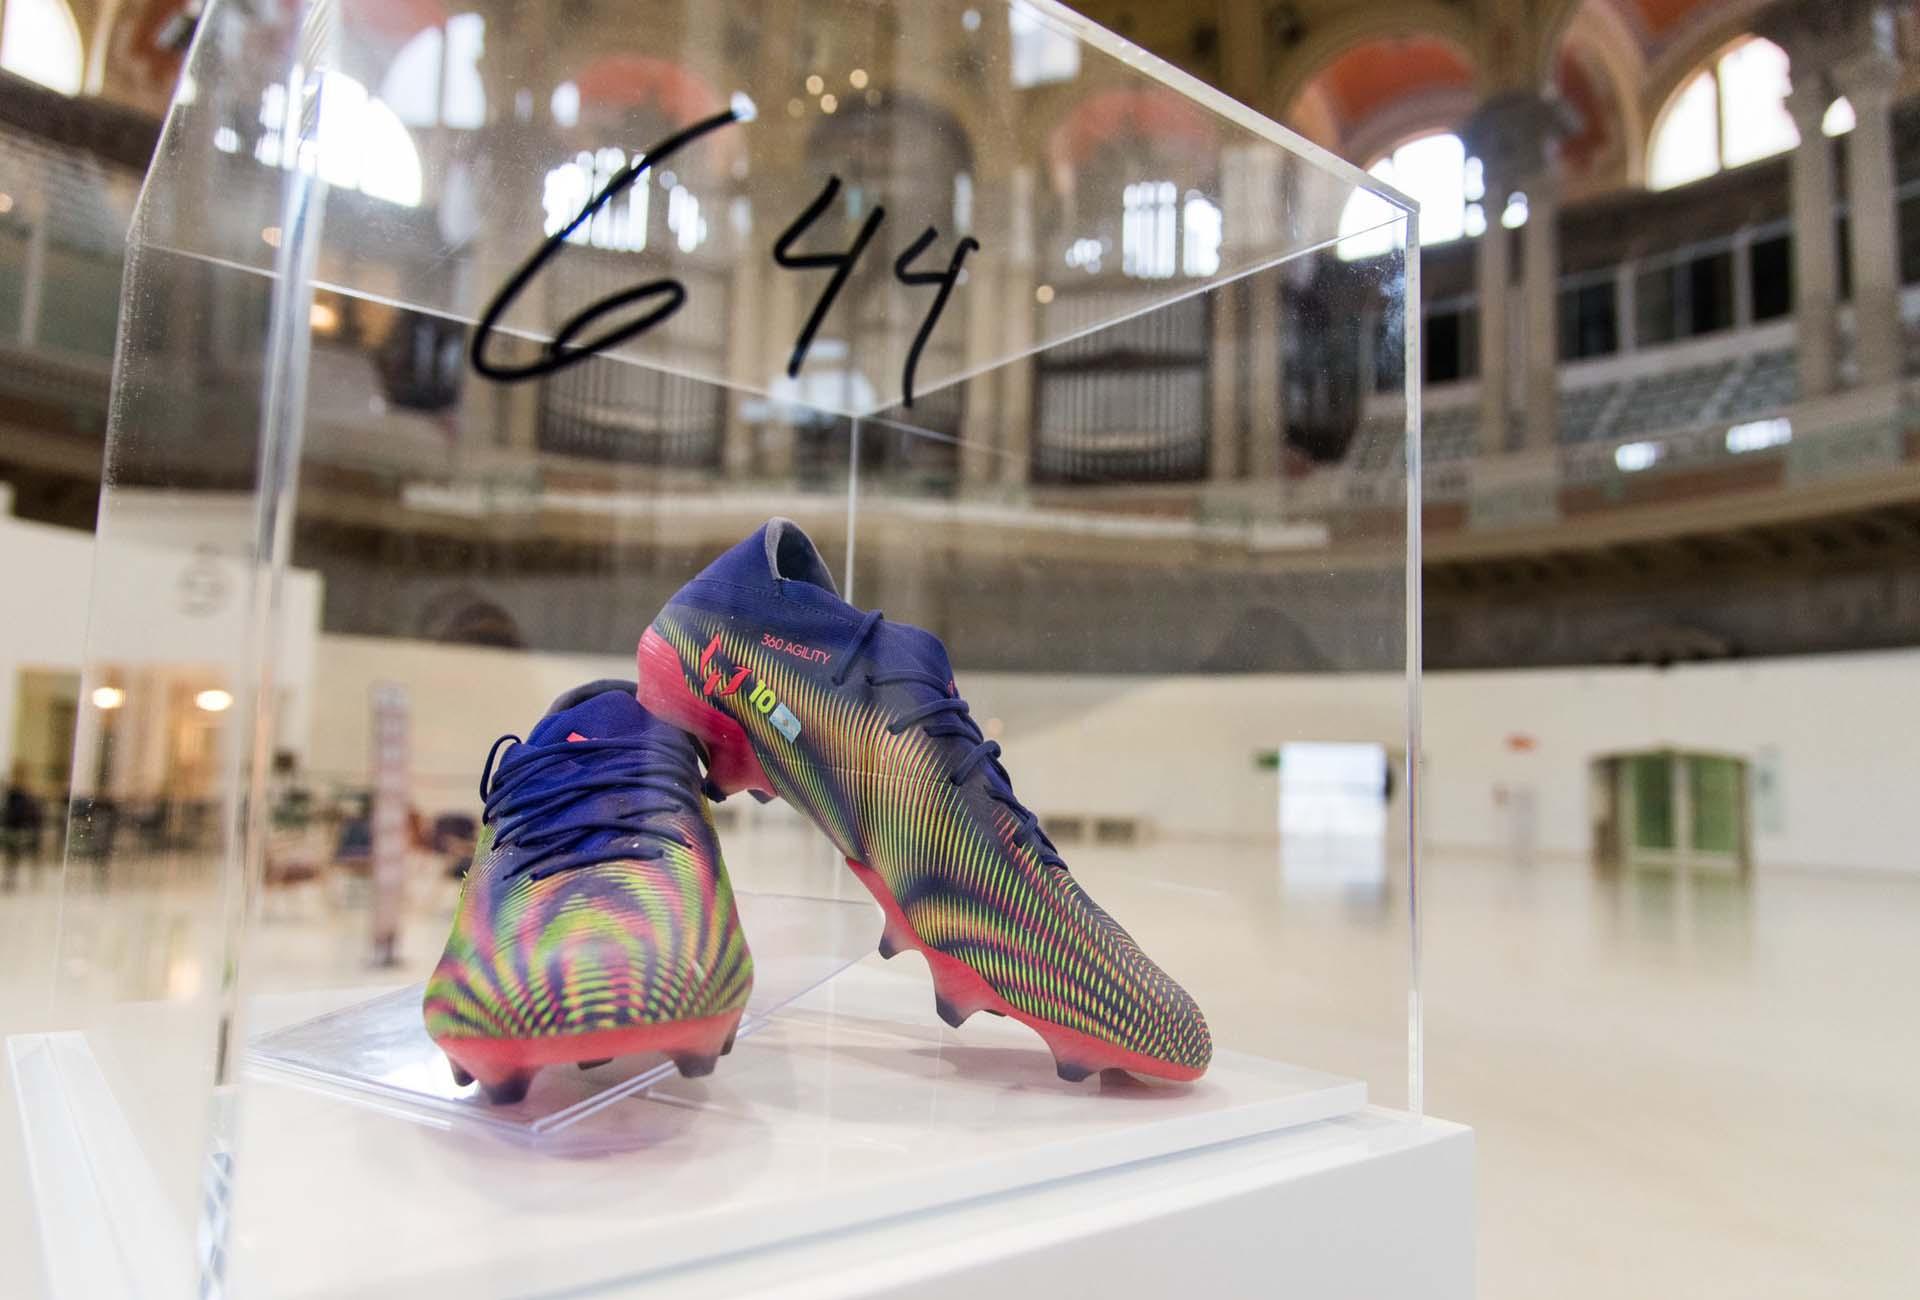 Képtalálatok a következőre: messi shoes december 22 museum